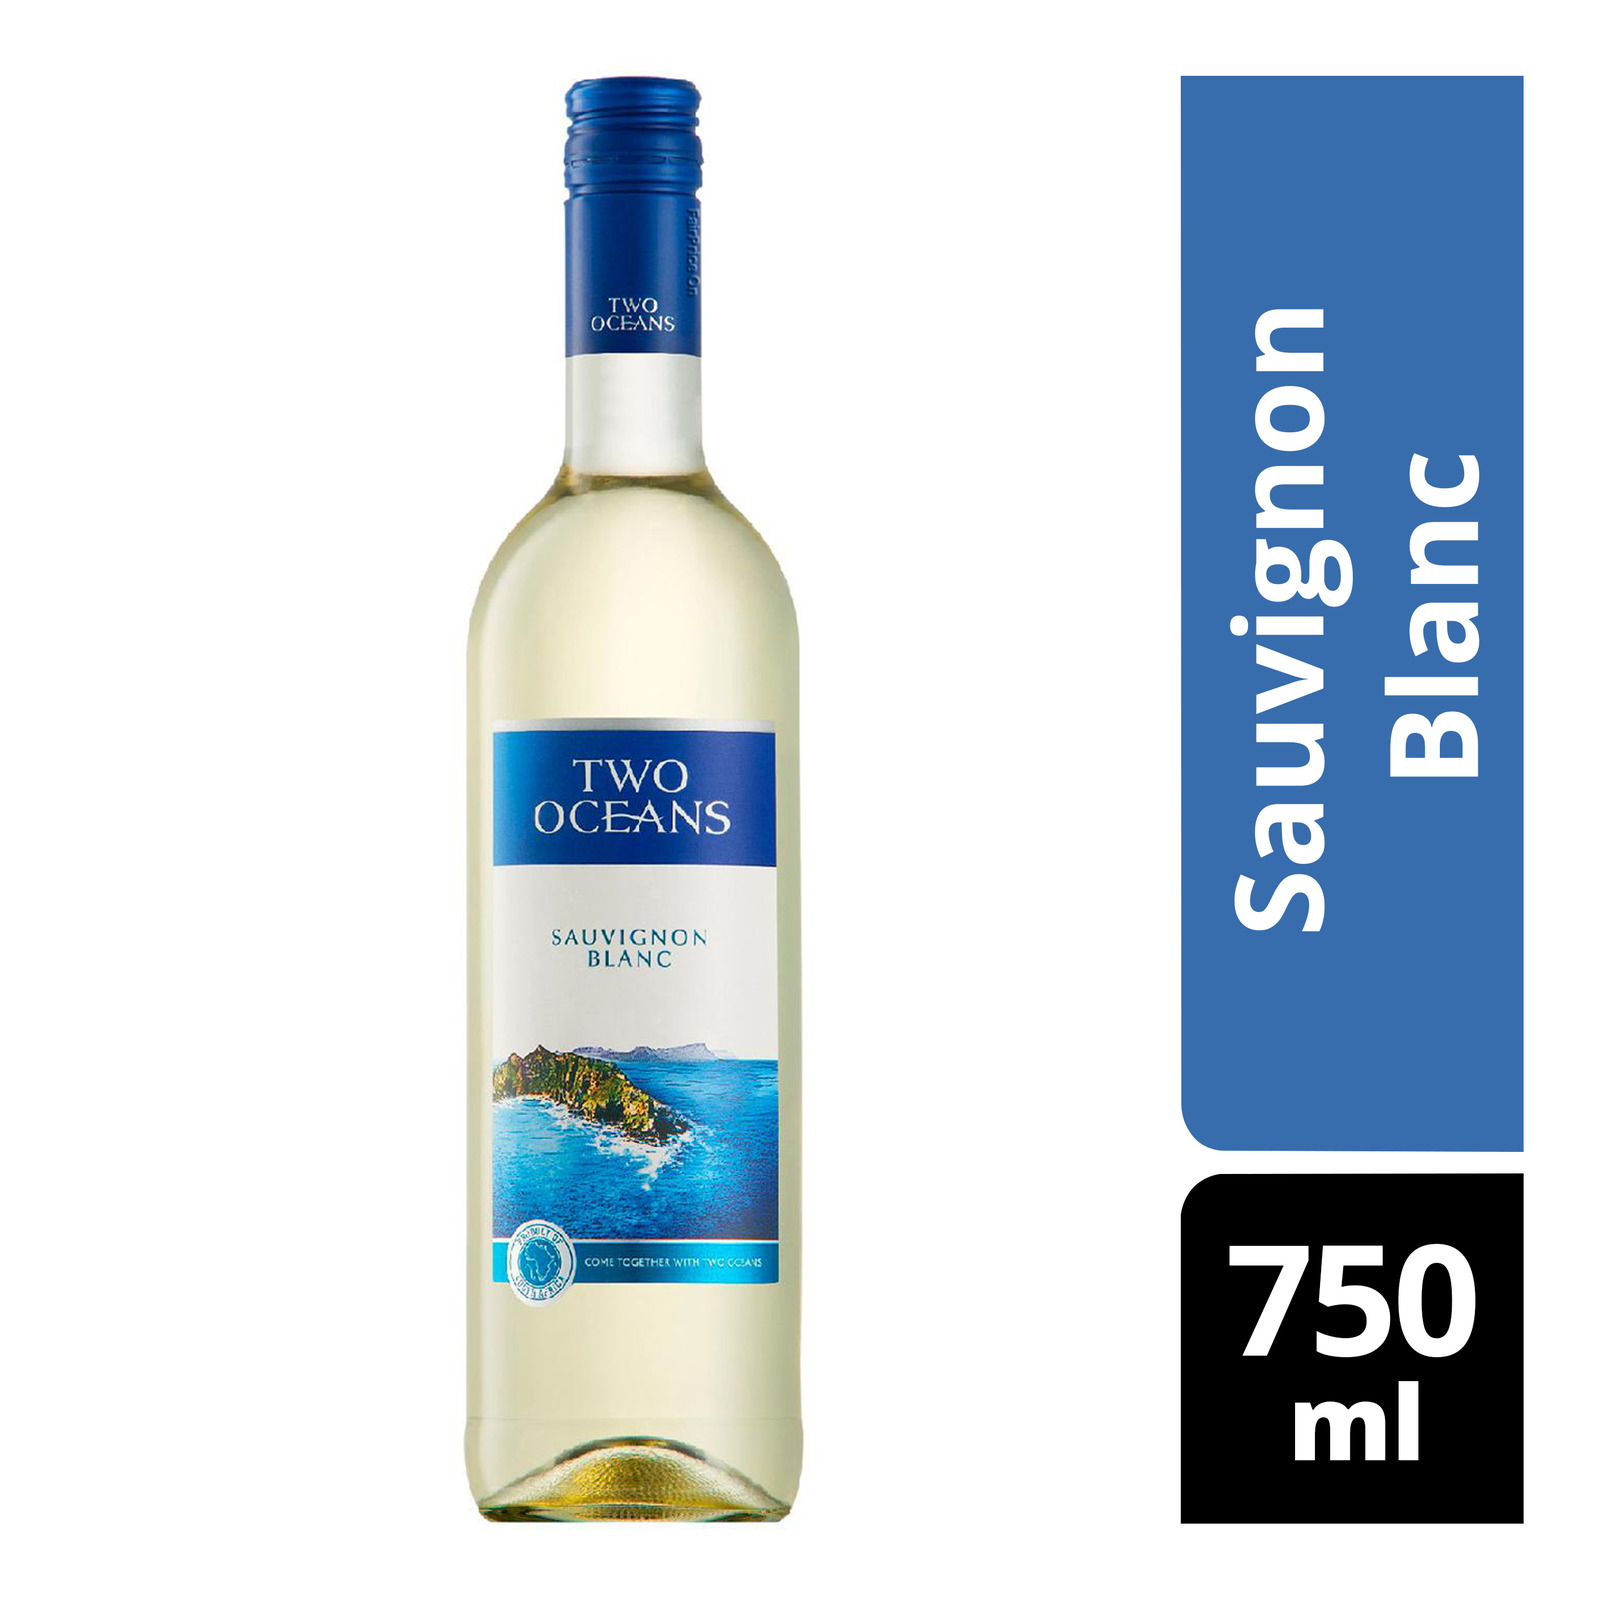 Two Ocean White Wine - Sauvignon Blanc